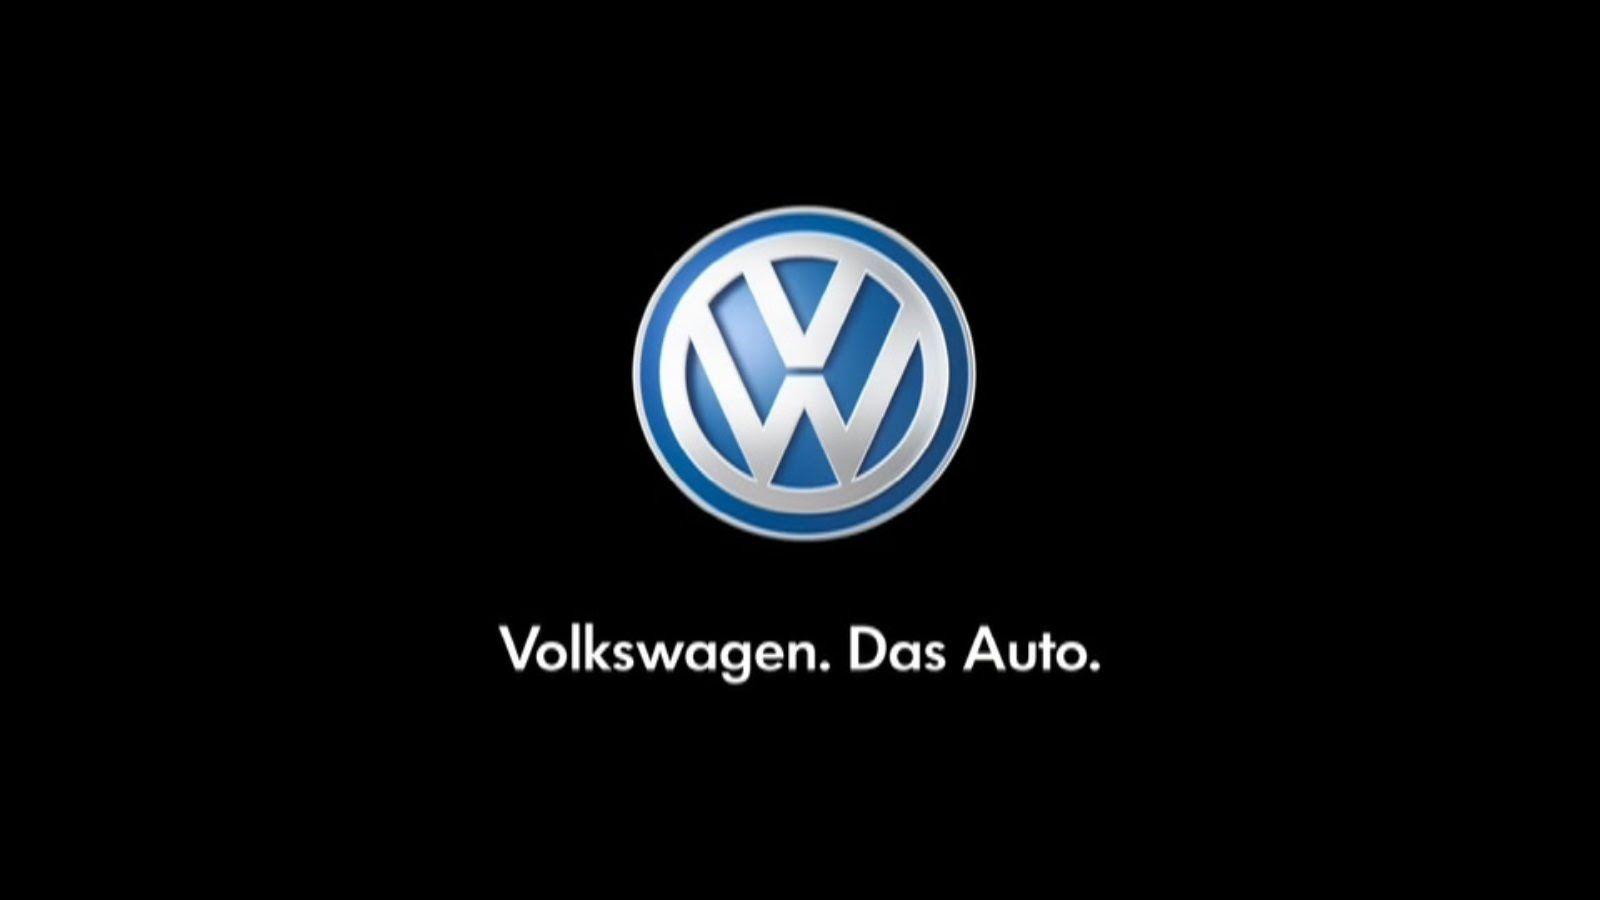 Volkswagen Car Logo Volkswagen Volkswagen Logo Car Logos